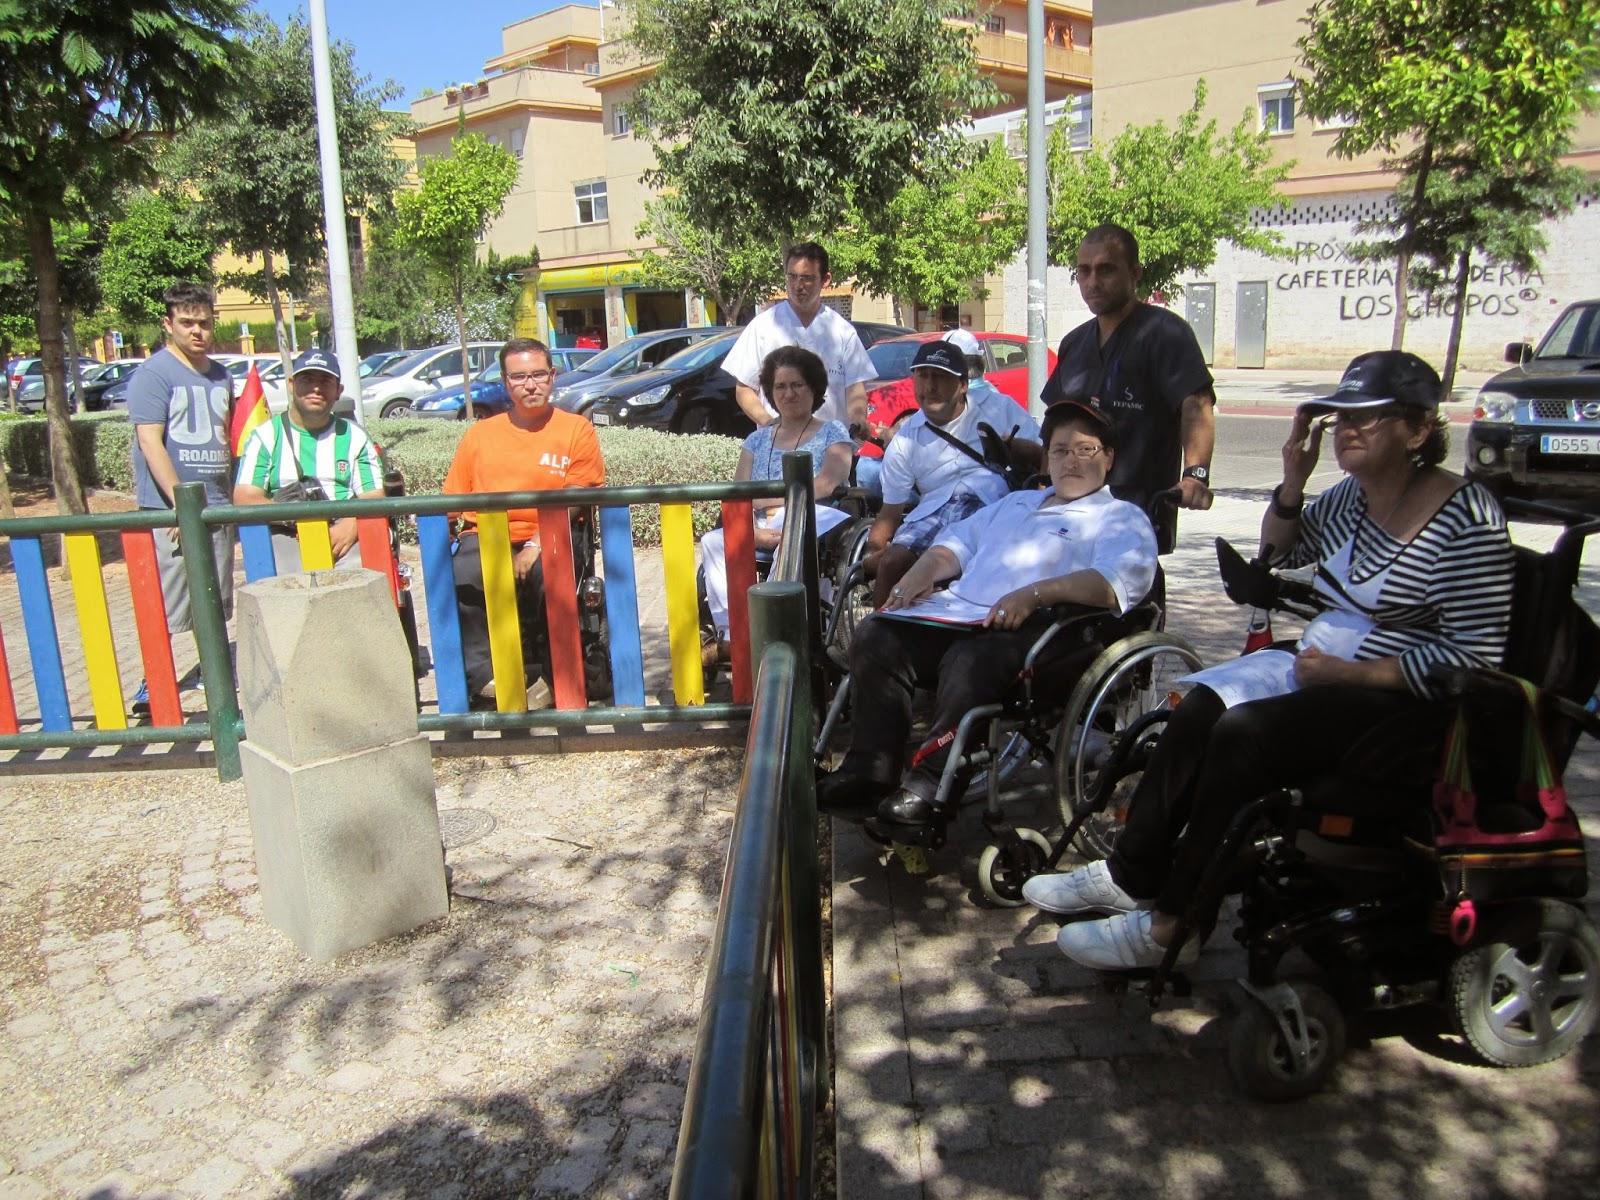 Entre los participantes y la fuente hay una valla que rodea la zona de juegos infantiles, a la que los usuarios de silla de ruedas no pueden acceder porque está pavimentada con gravilla.